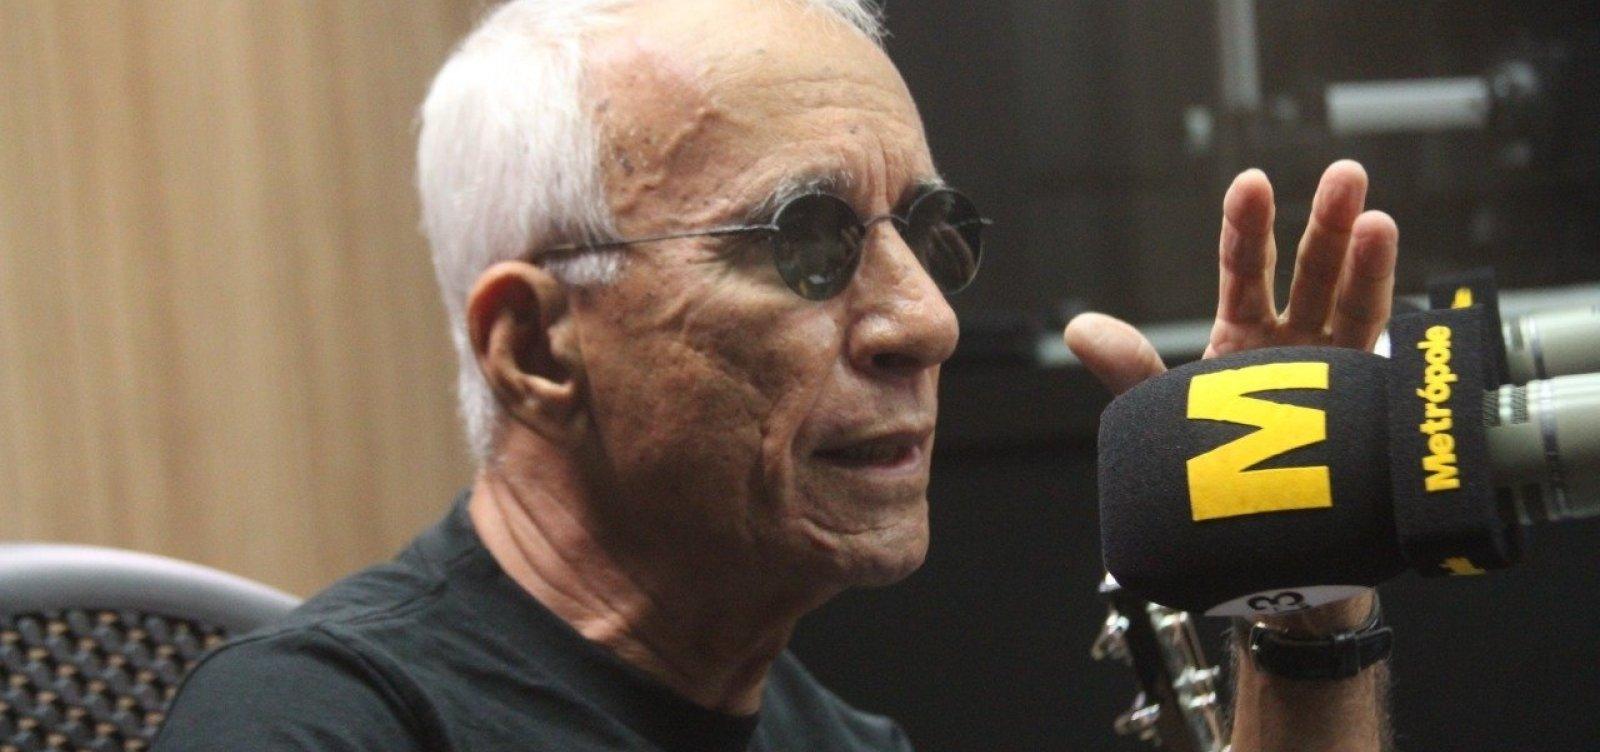 Parceiro de Raul no grupo 'Os Panteras' diz que é 'impossível' cantor ter entregue Paulo Coelho